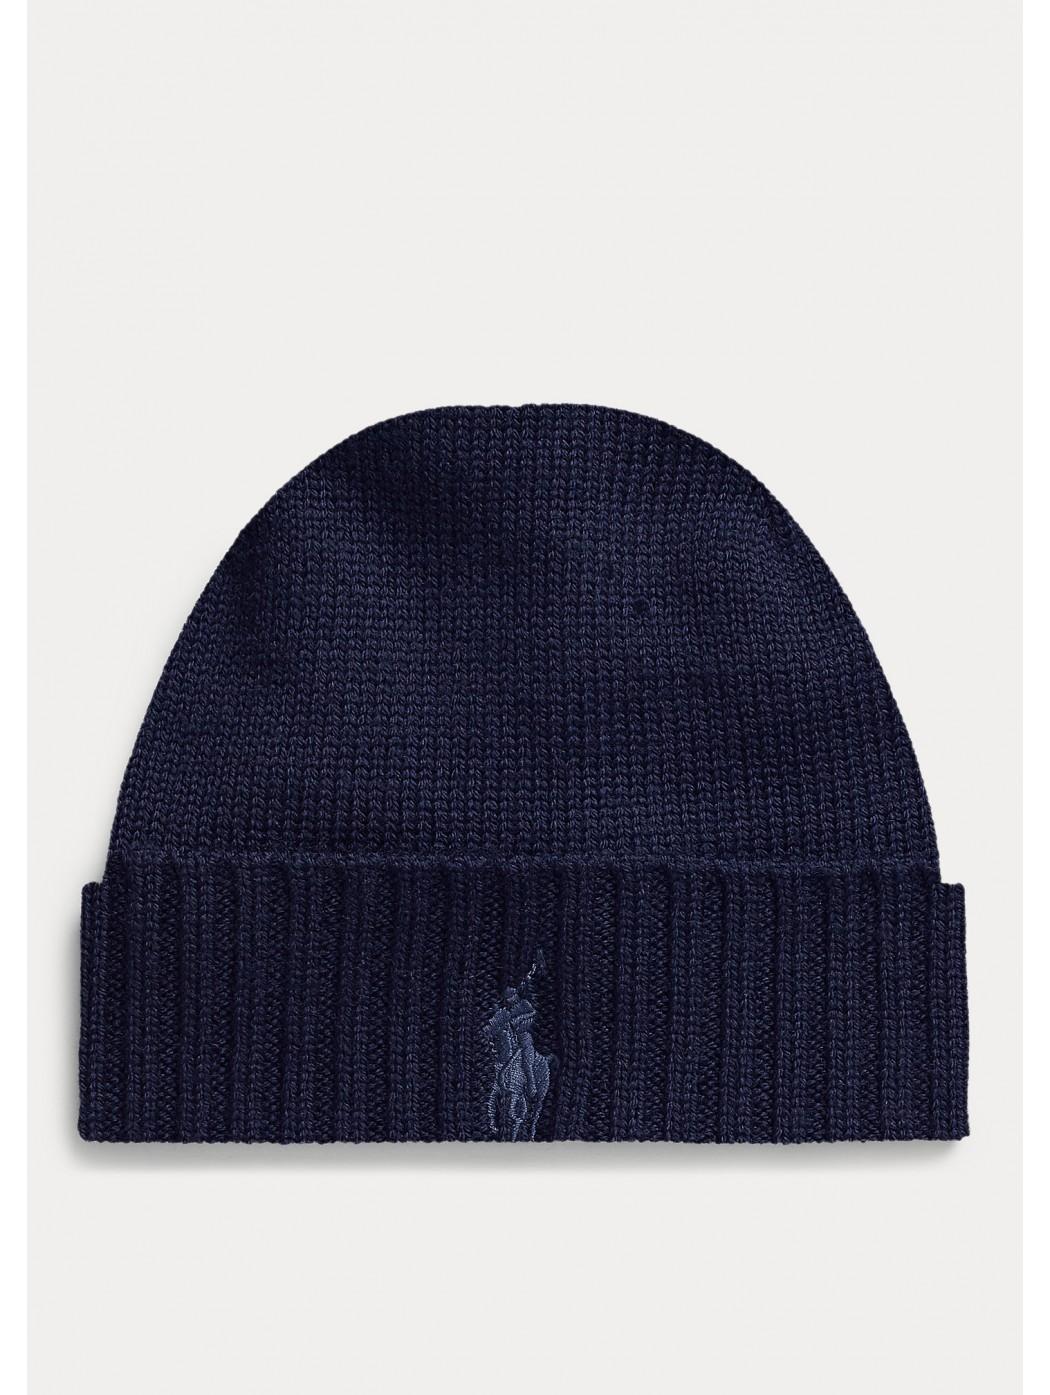 Cappellino in lana con esclusivo pony POLO RALPH LAUREN UOMO 710761415 002